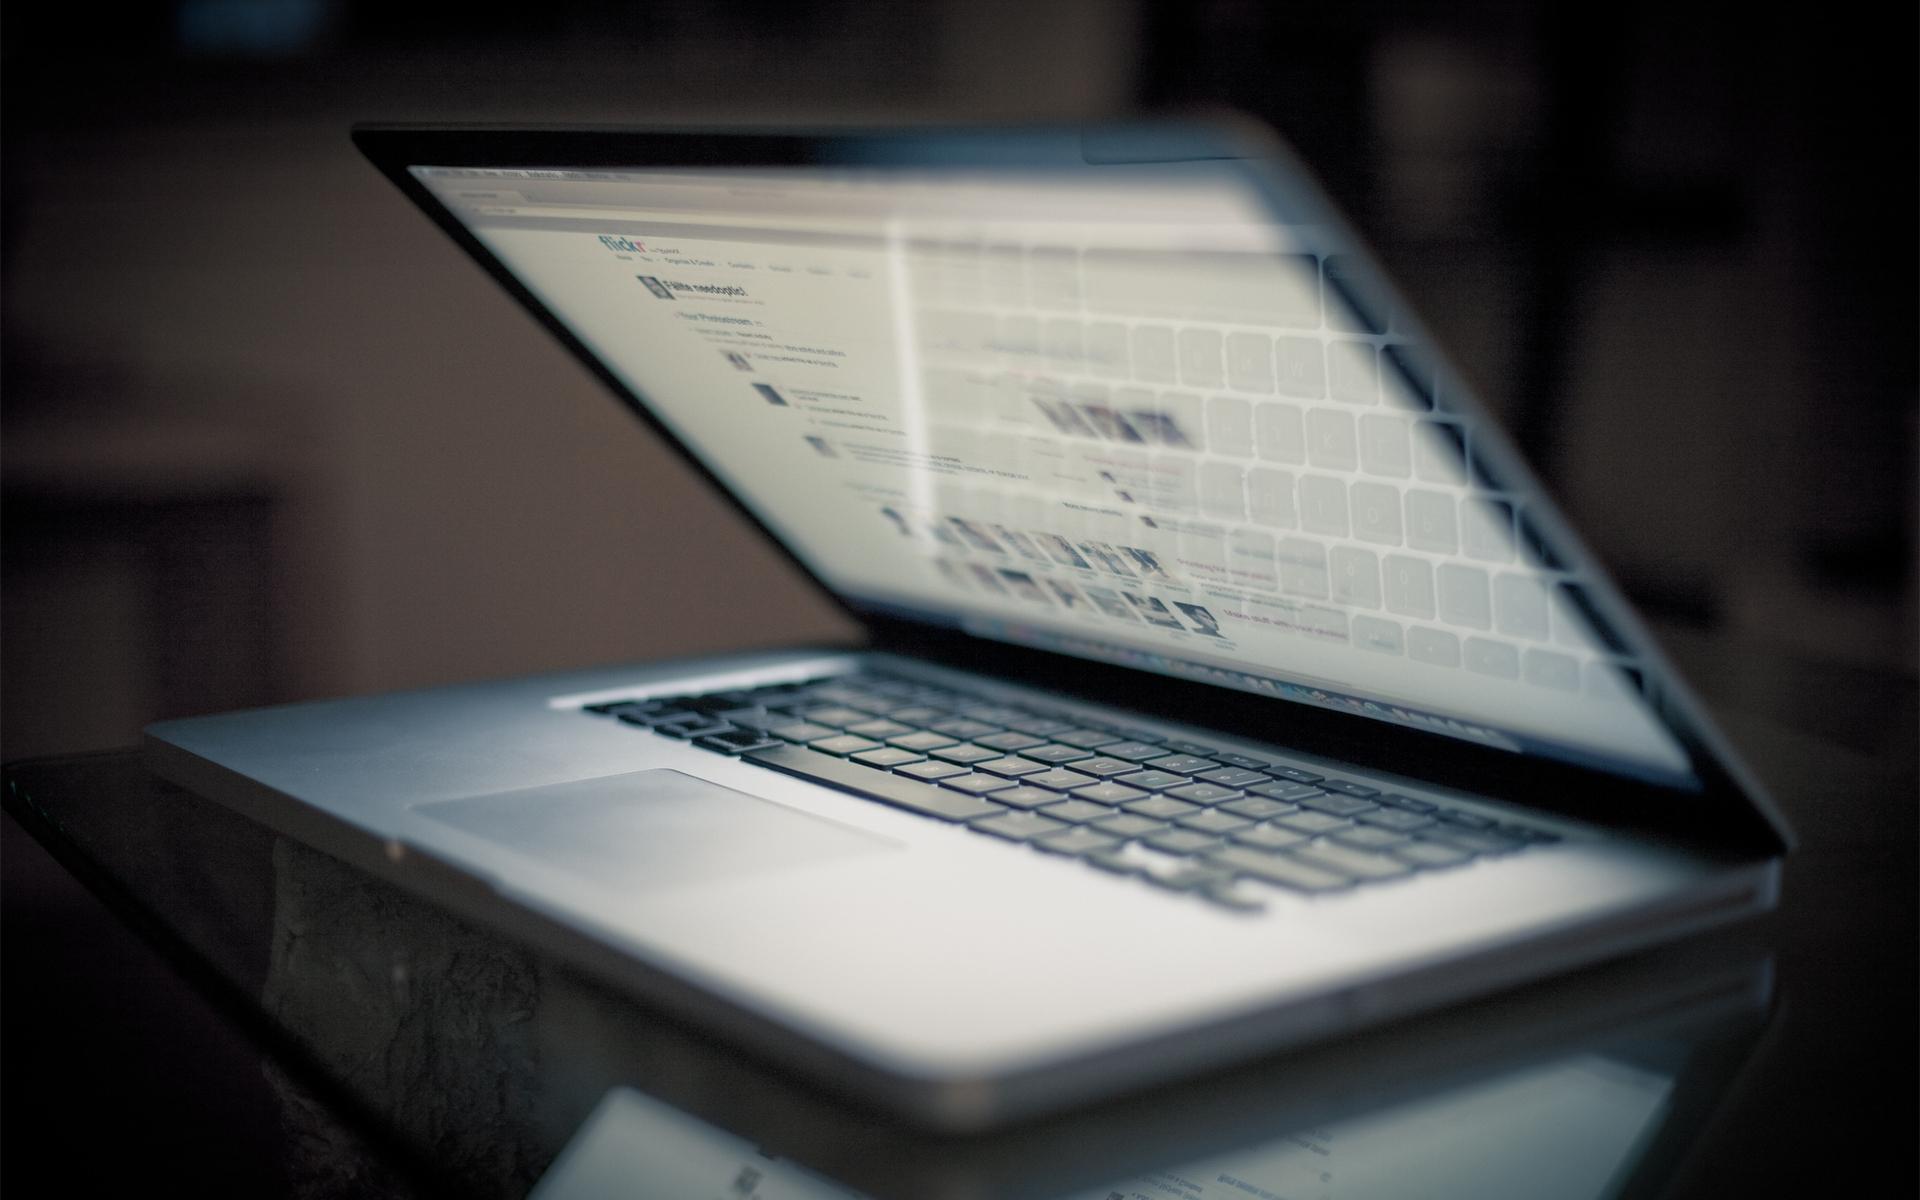 Macbook Pro Wallpaper - WallpaperSafari